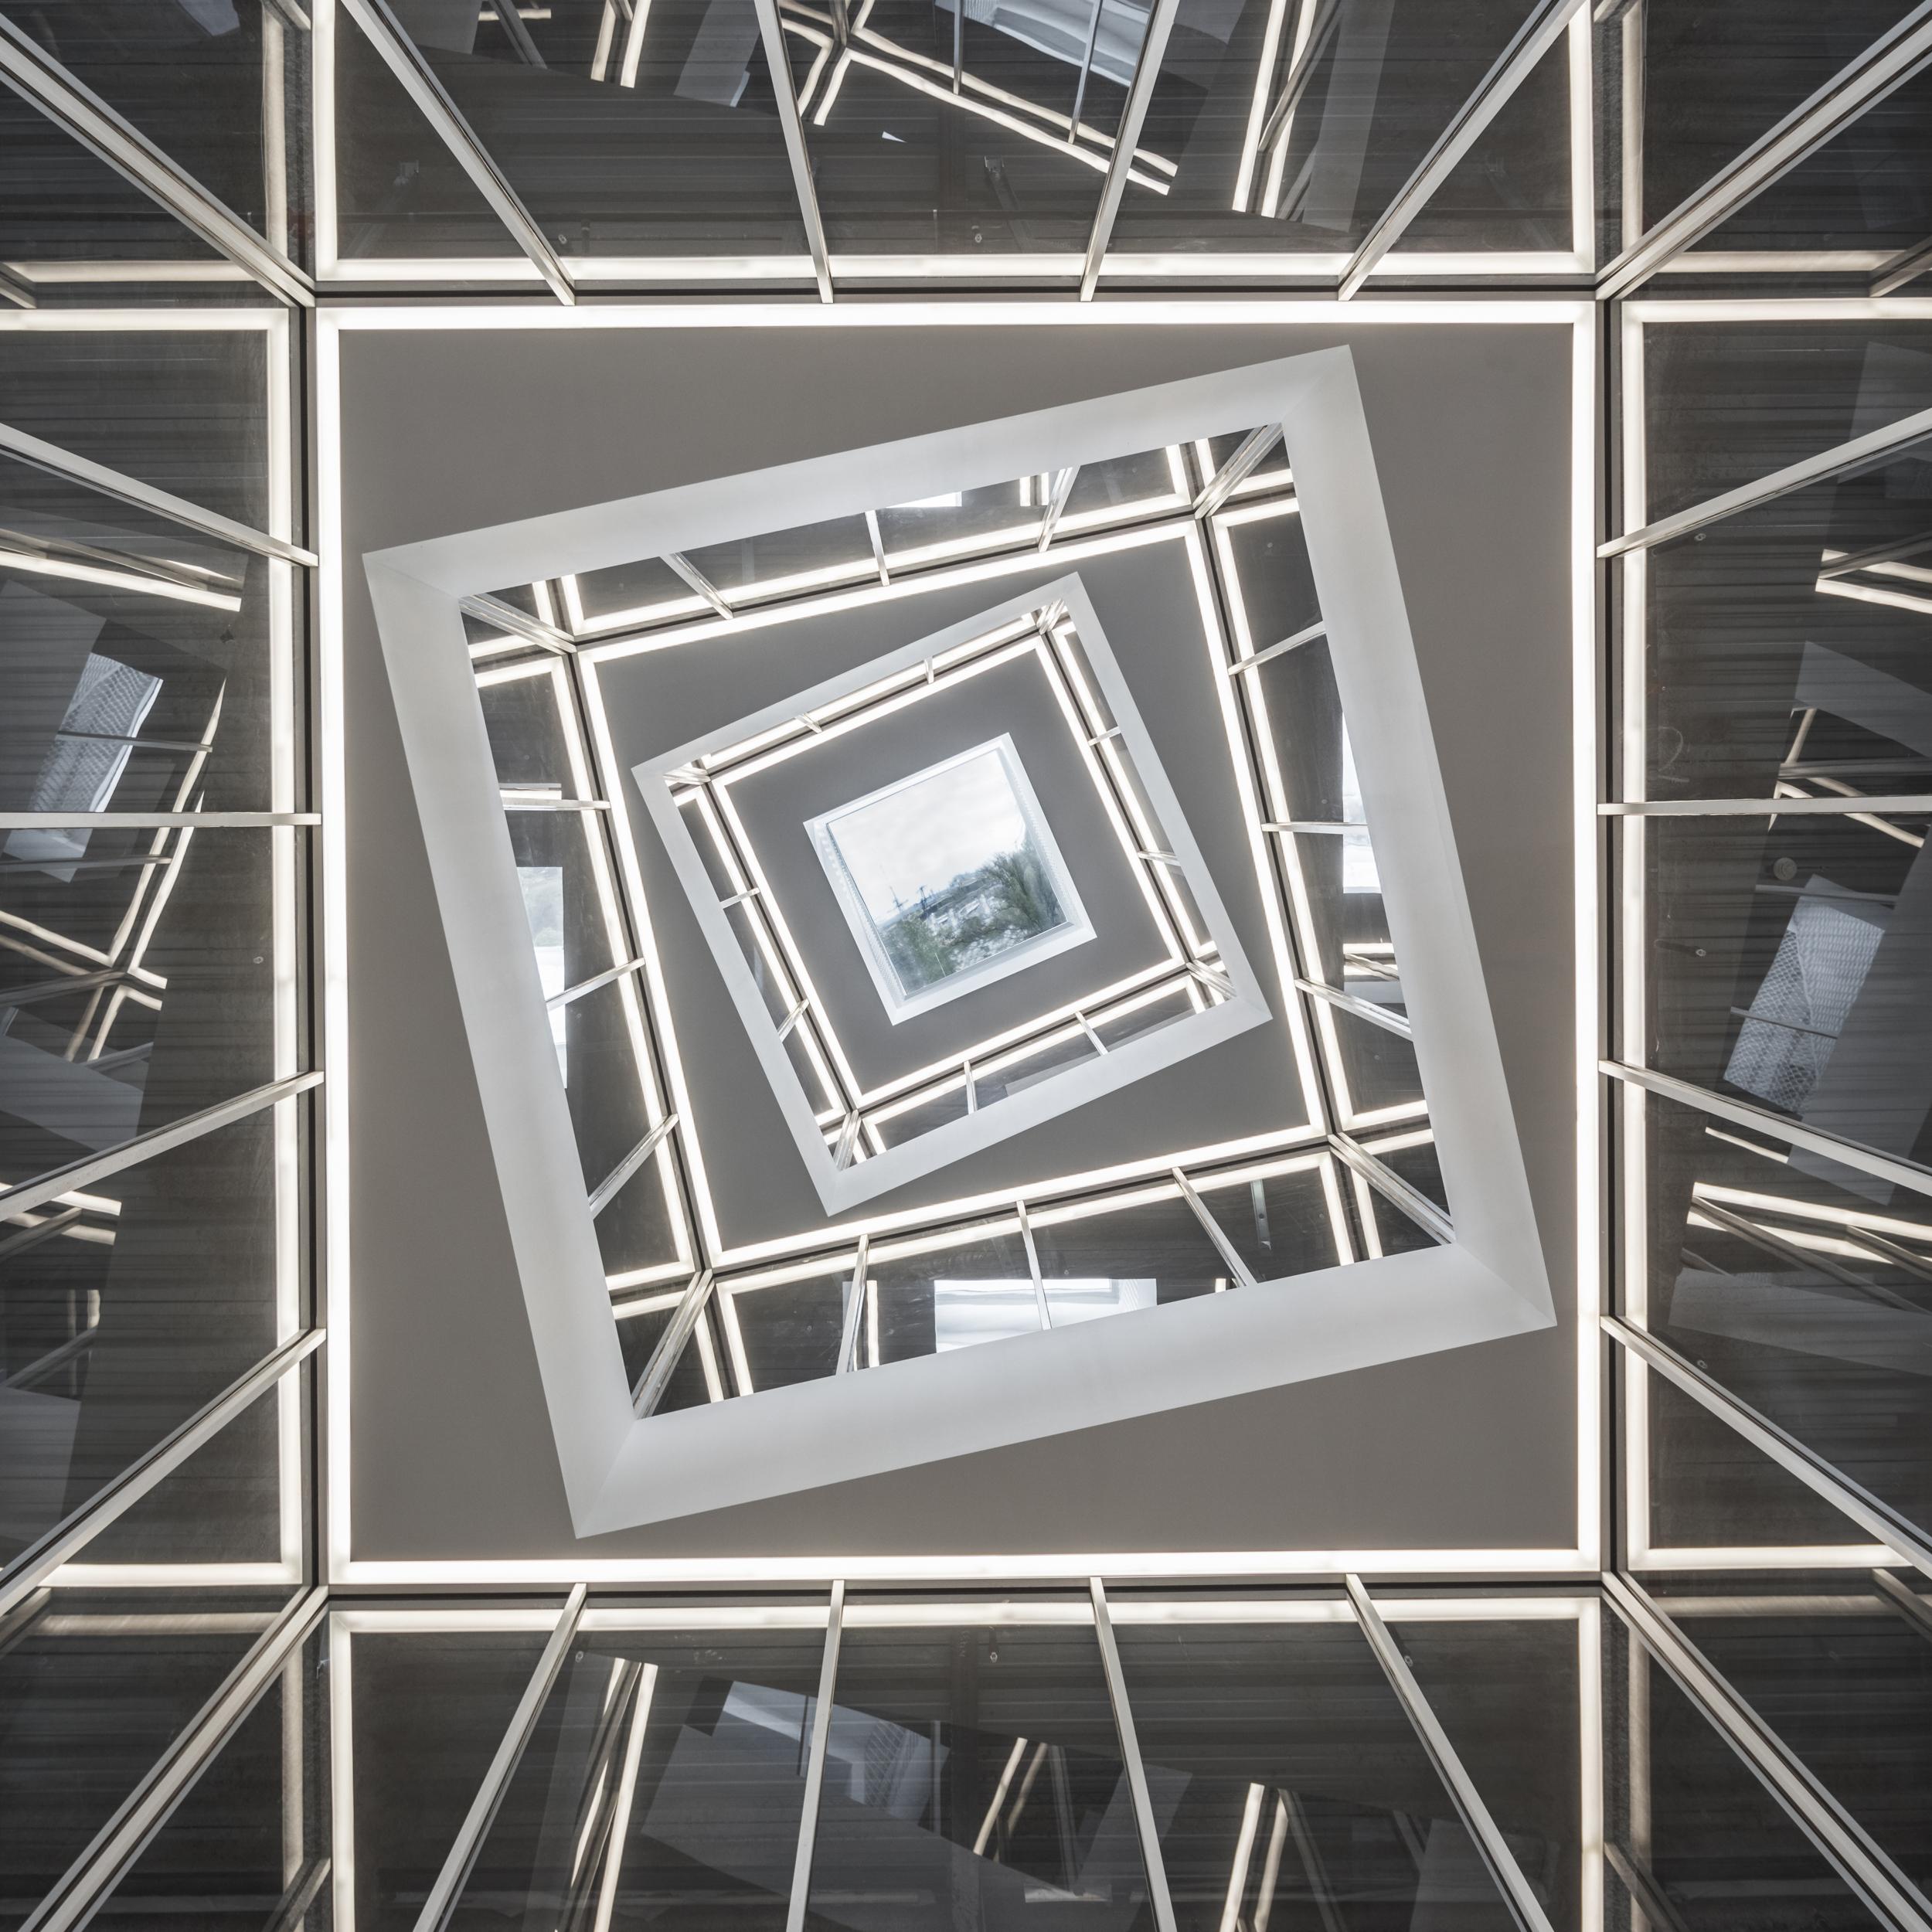 〔안정원의 디자인 칼럼〕 필라델피아 네이비야드와 센트럴 그린파크와의 조화로움을 추구한 건축